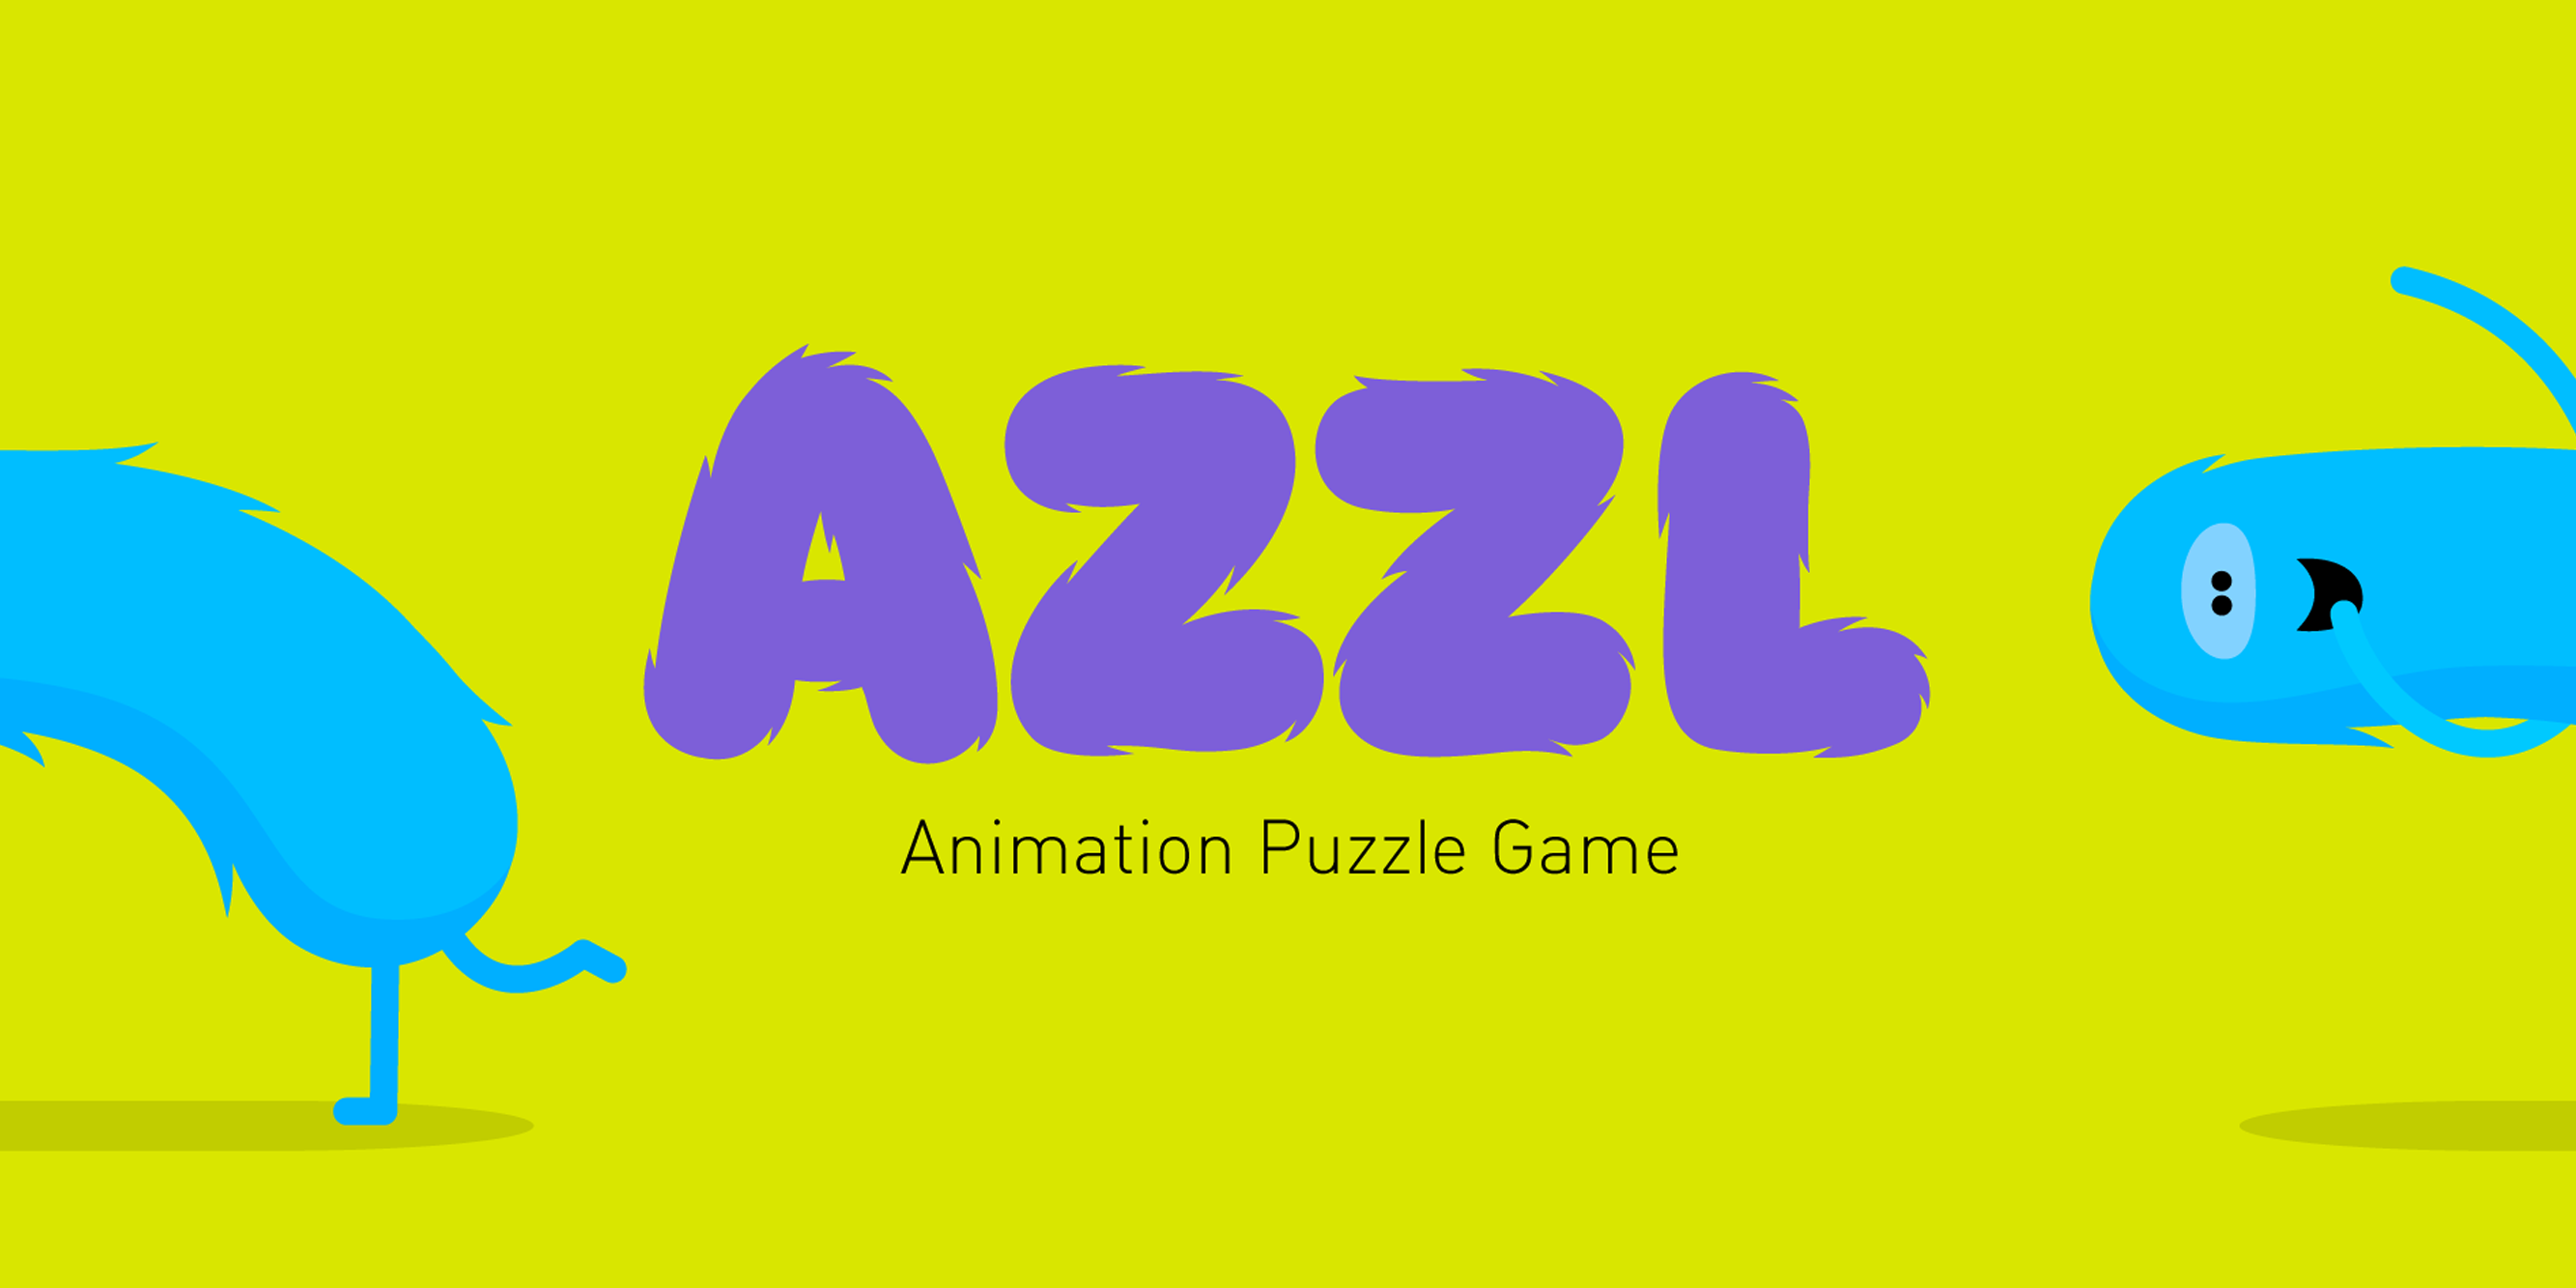 AZZL для iOS — этот безумный, безумный, безумный пазл